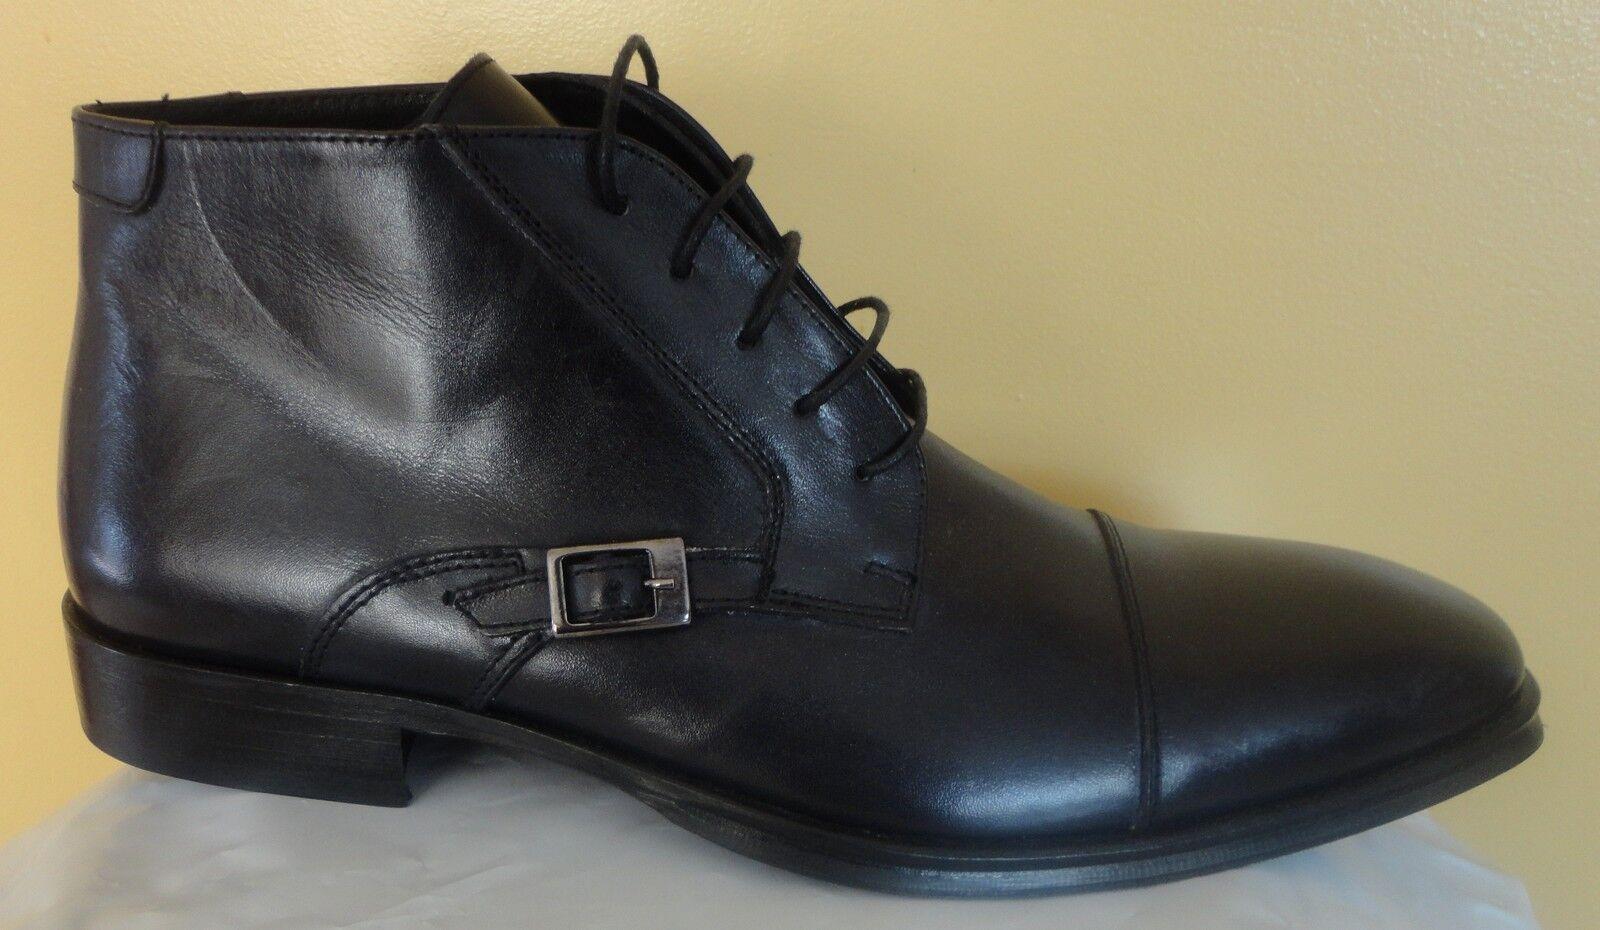 botas De Cuero Italiano Para Hombres Con Cordones Con Hebilla De Lado Negro Zapatos EE. UU. 10 43 Euro